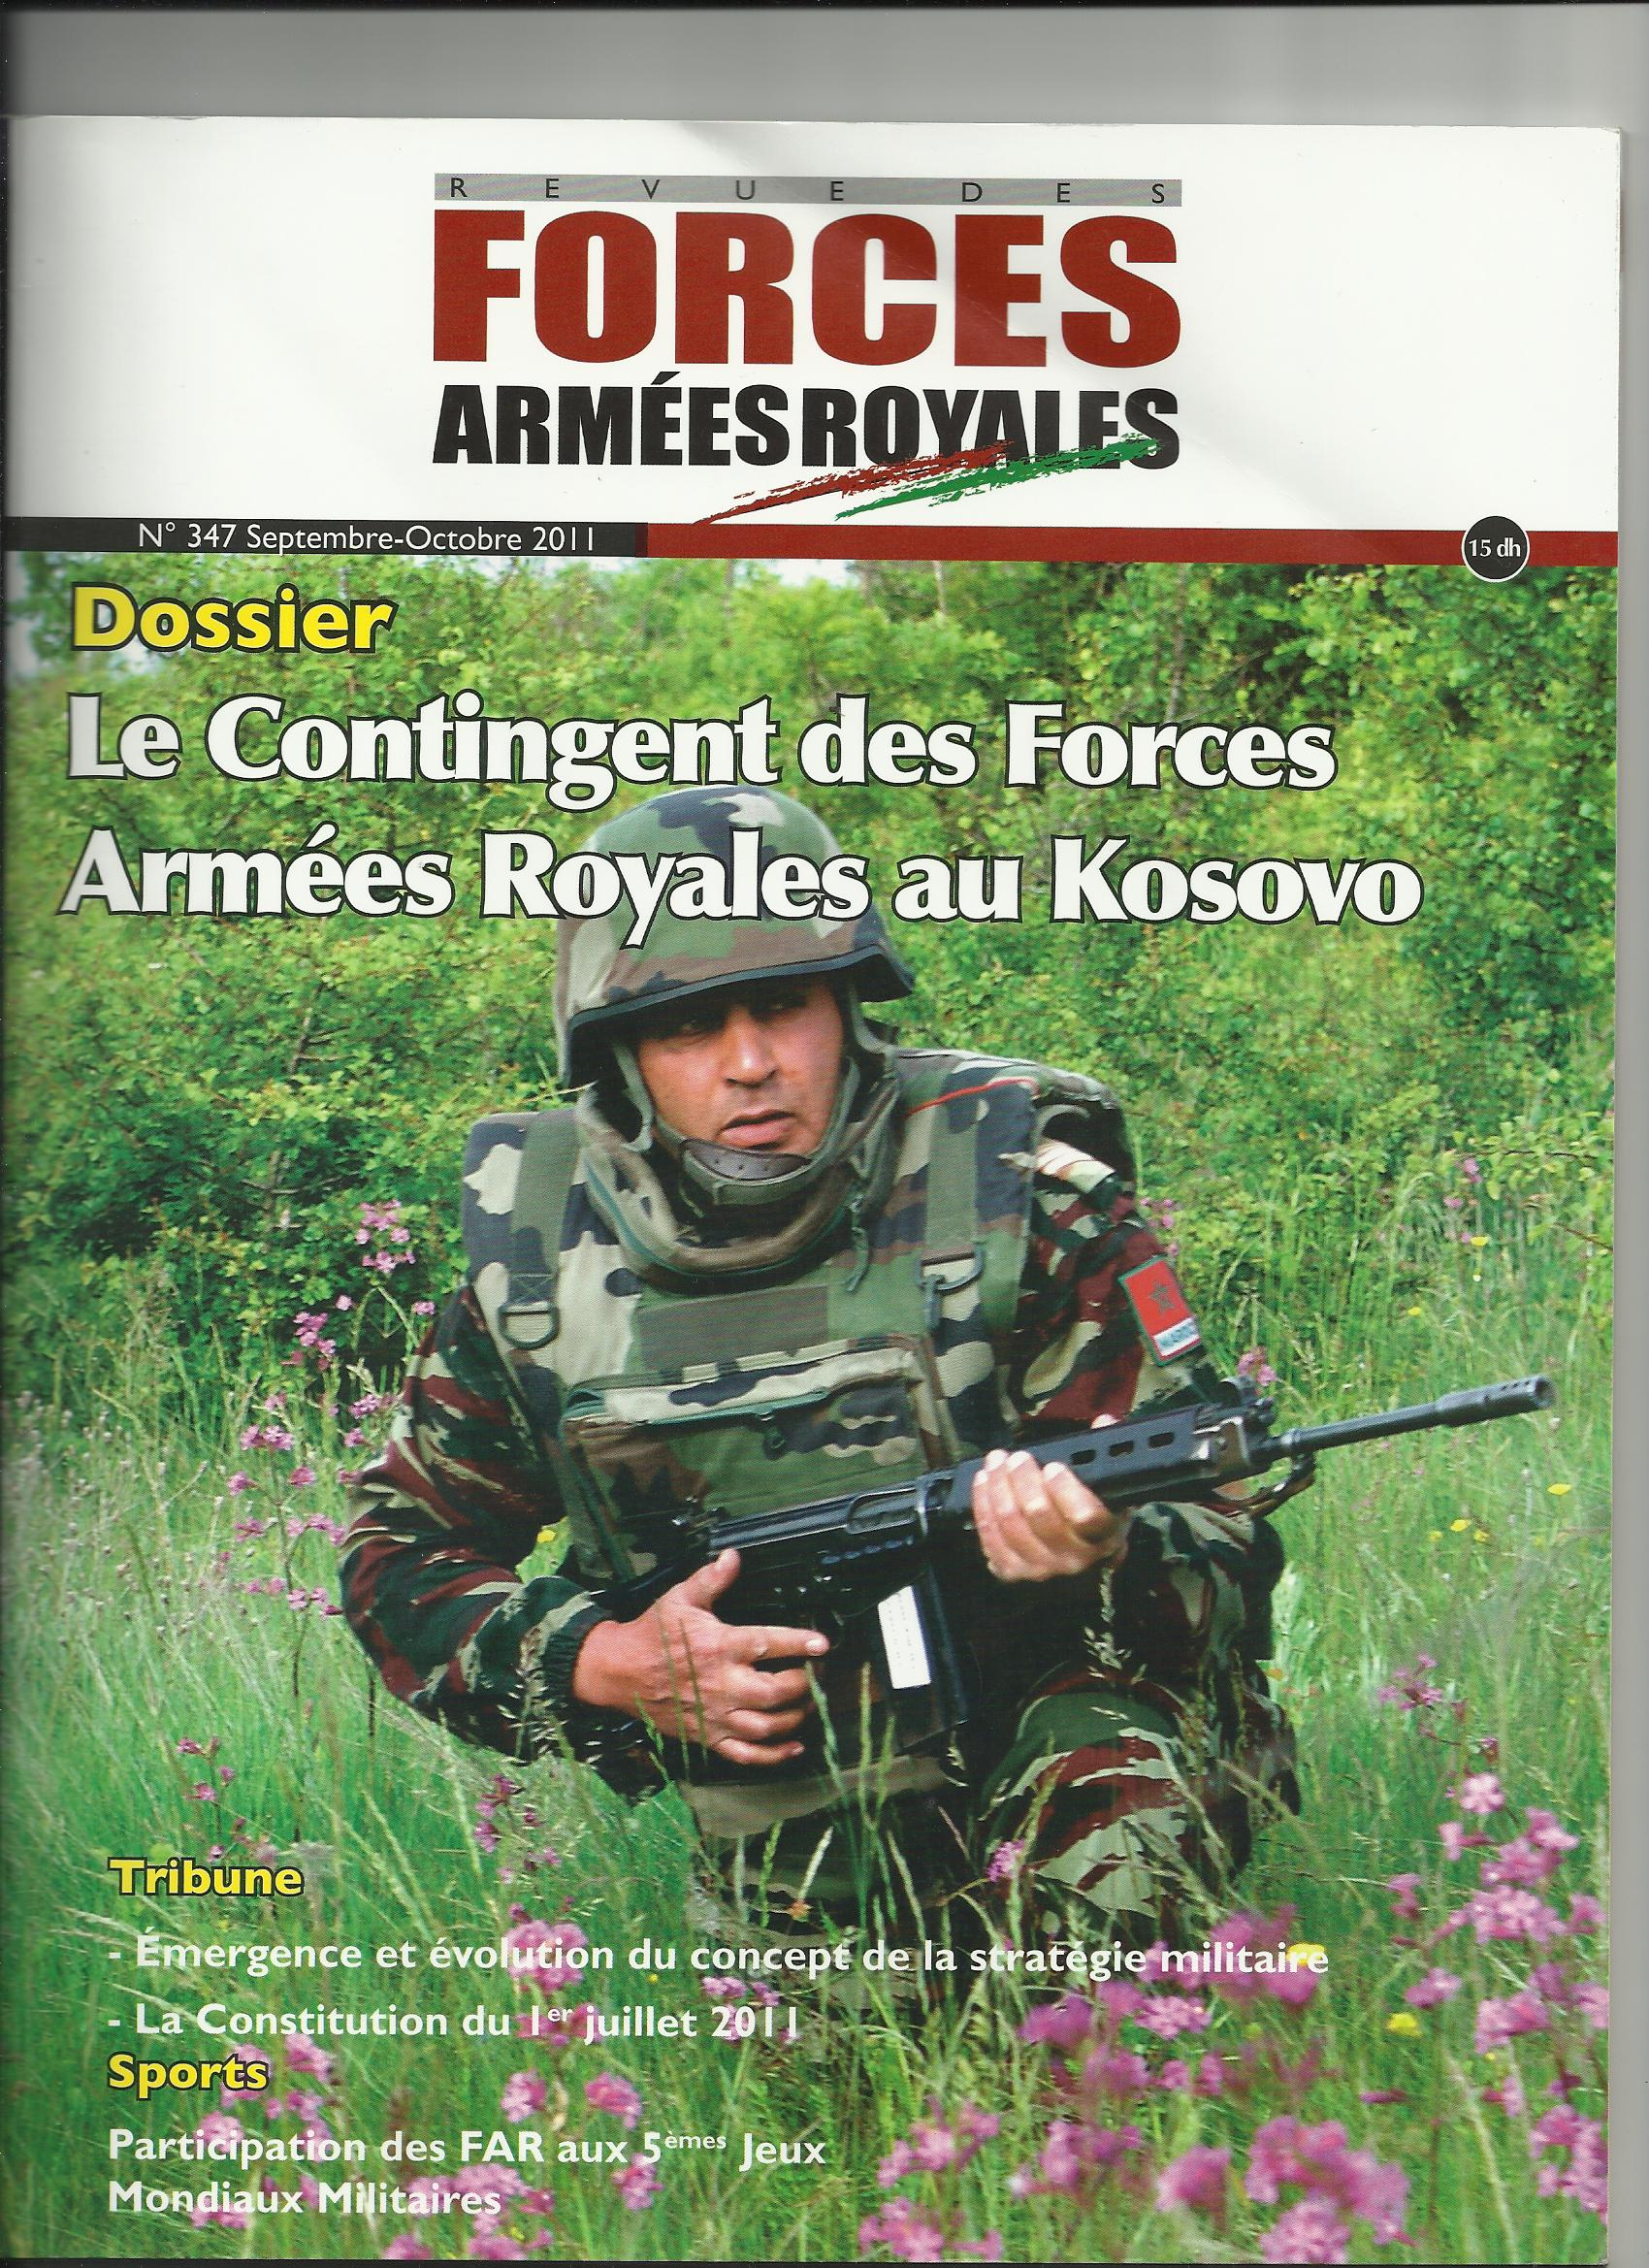 Tenues de FAR / Moroccan Uniforms - Page 7 865445005